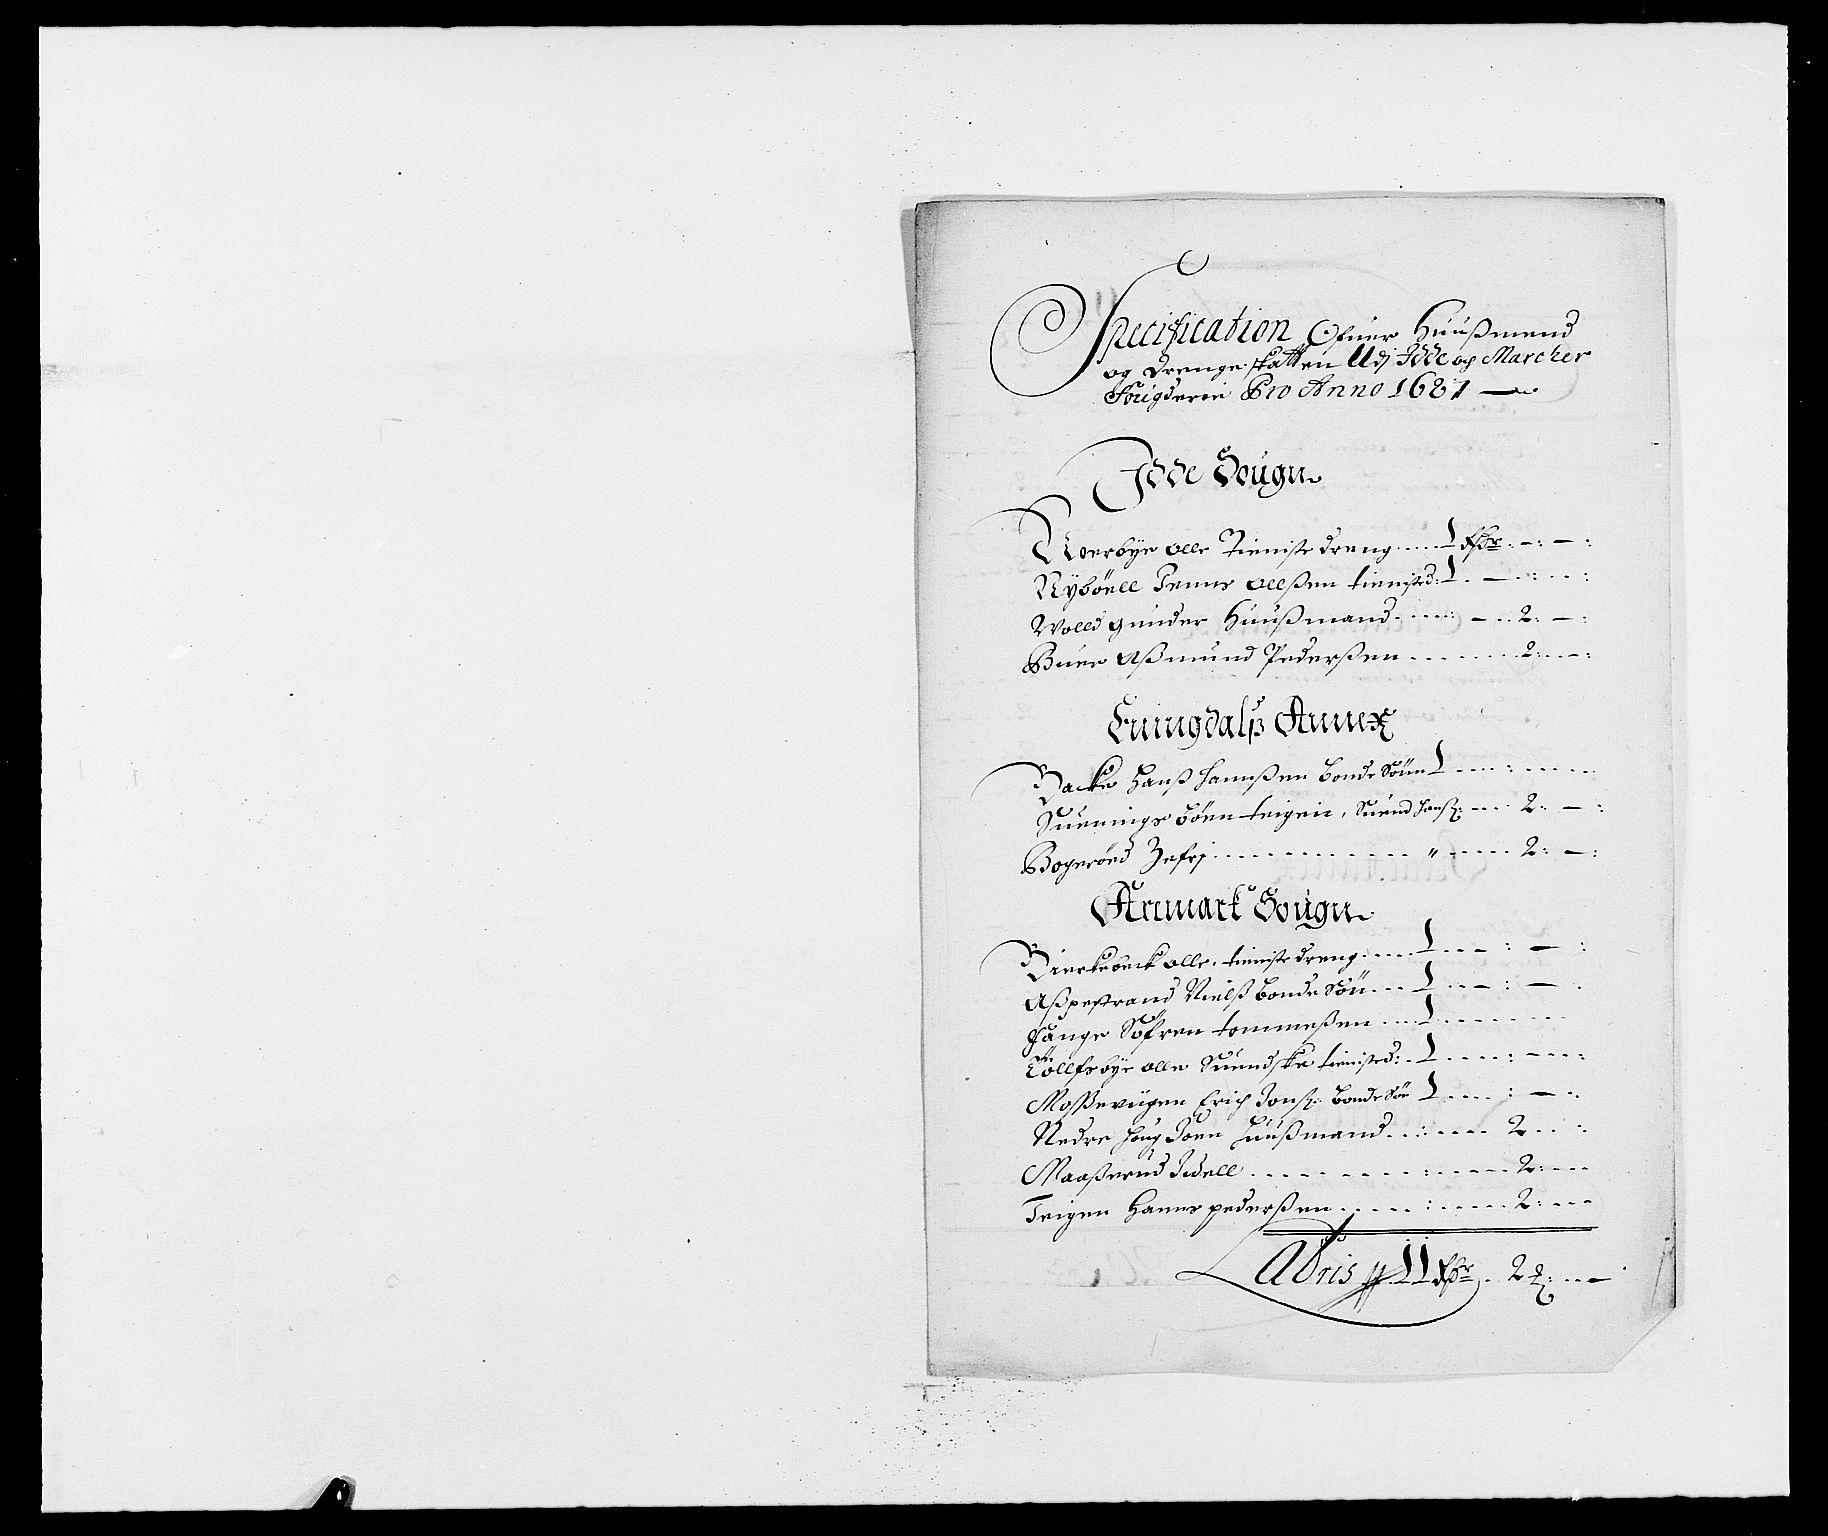 RA, Rentekammeret inntil 1814, Reviderte regnskaper, Fogderegnskap, R01/L0007: Fogderegnskap Idd og Marker, 1687-1688, s. 176